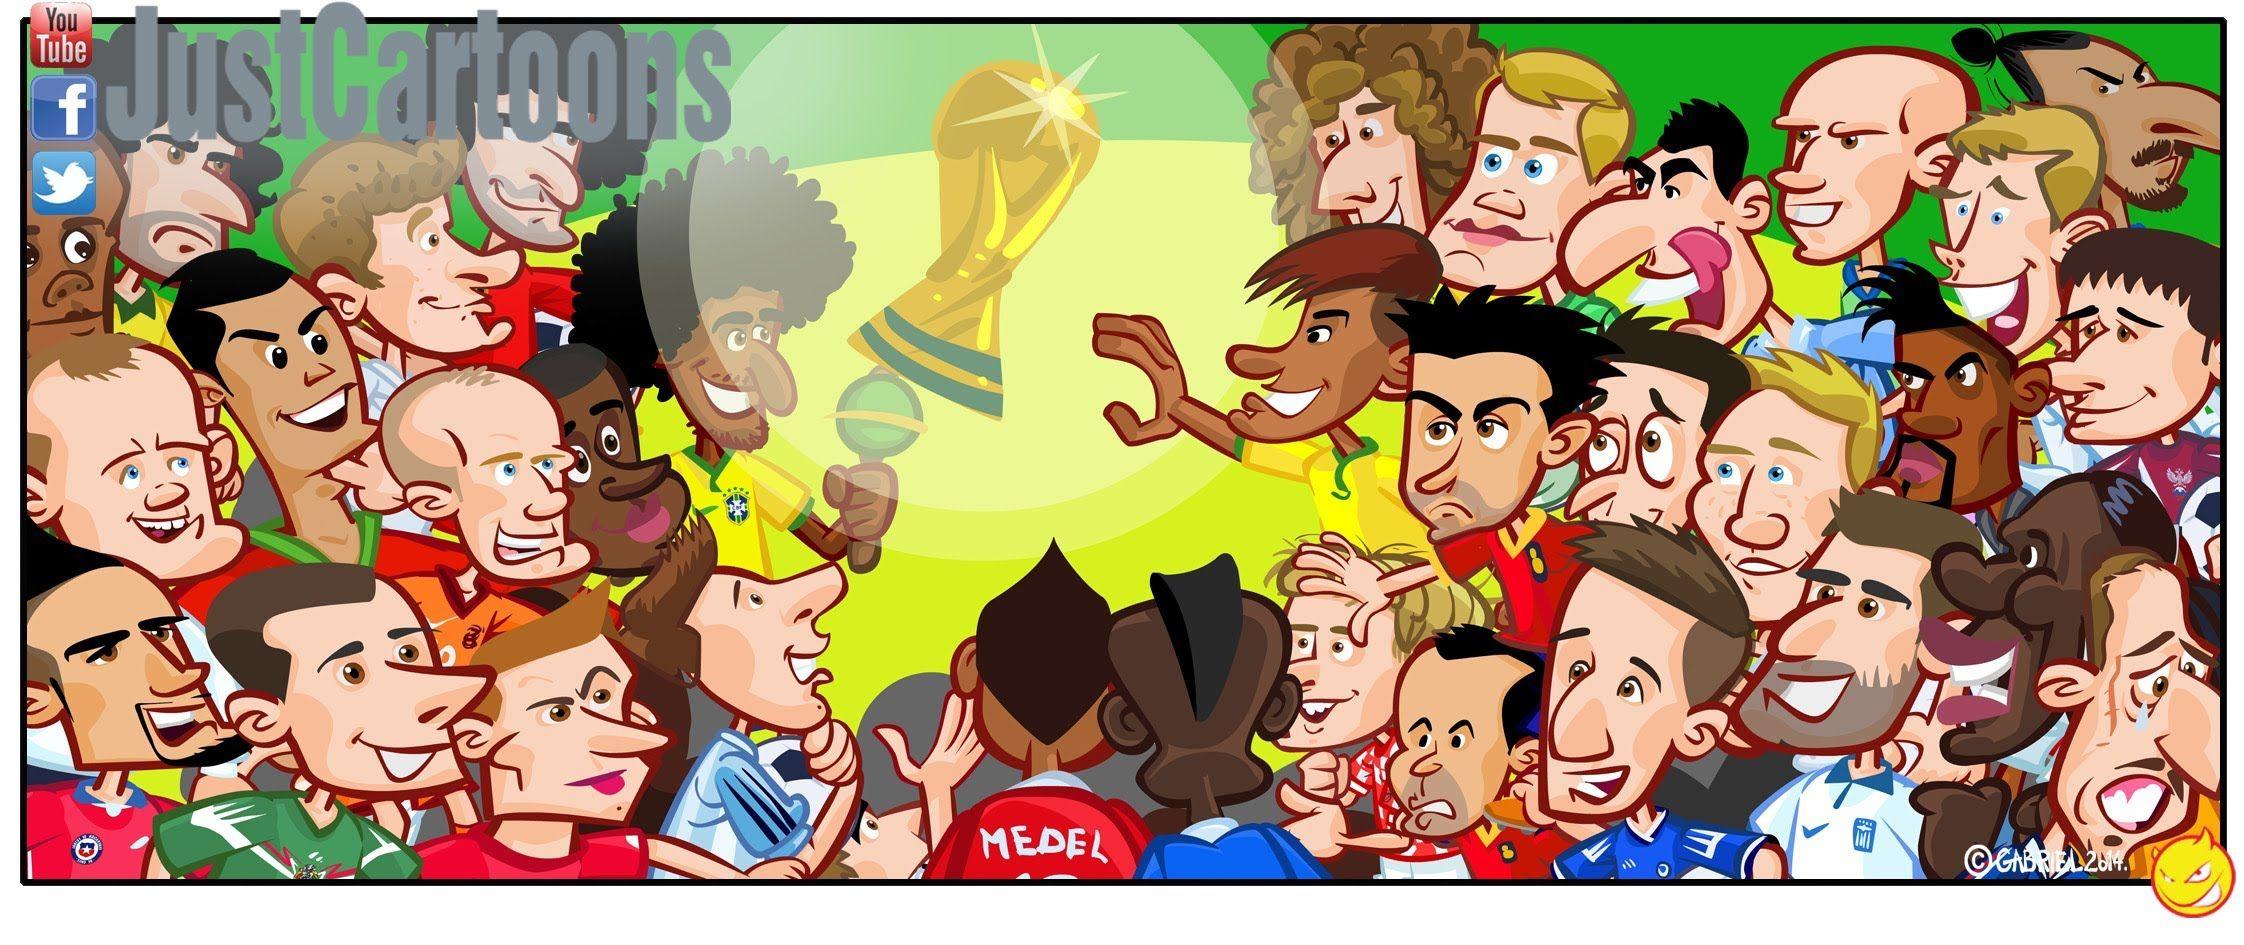 دانلود انیمیشن سایه روشنی از جام جهانی 2018 HD